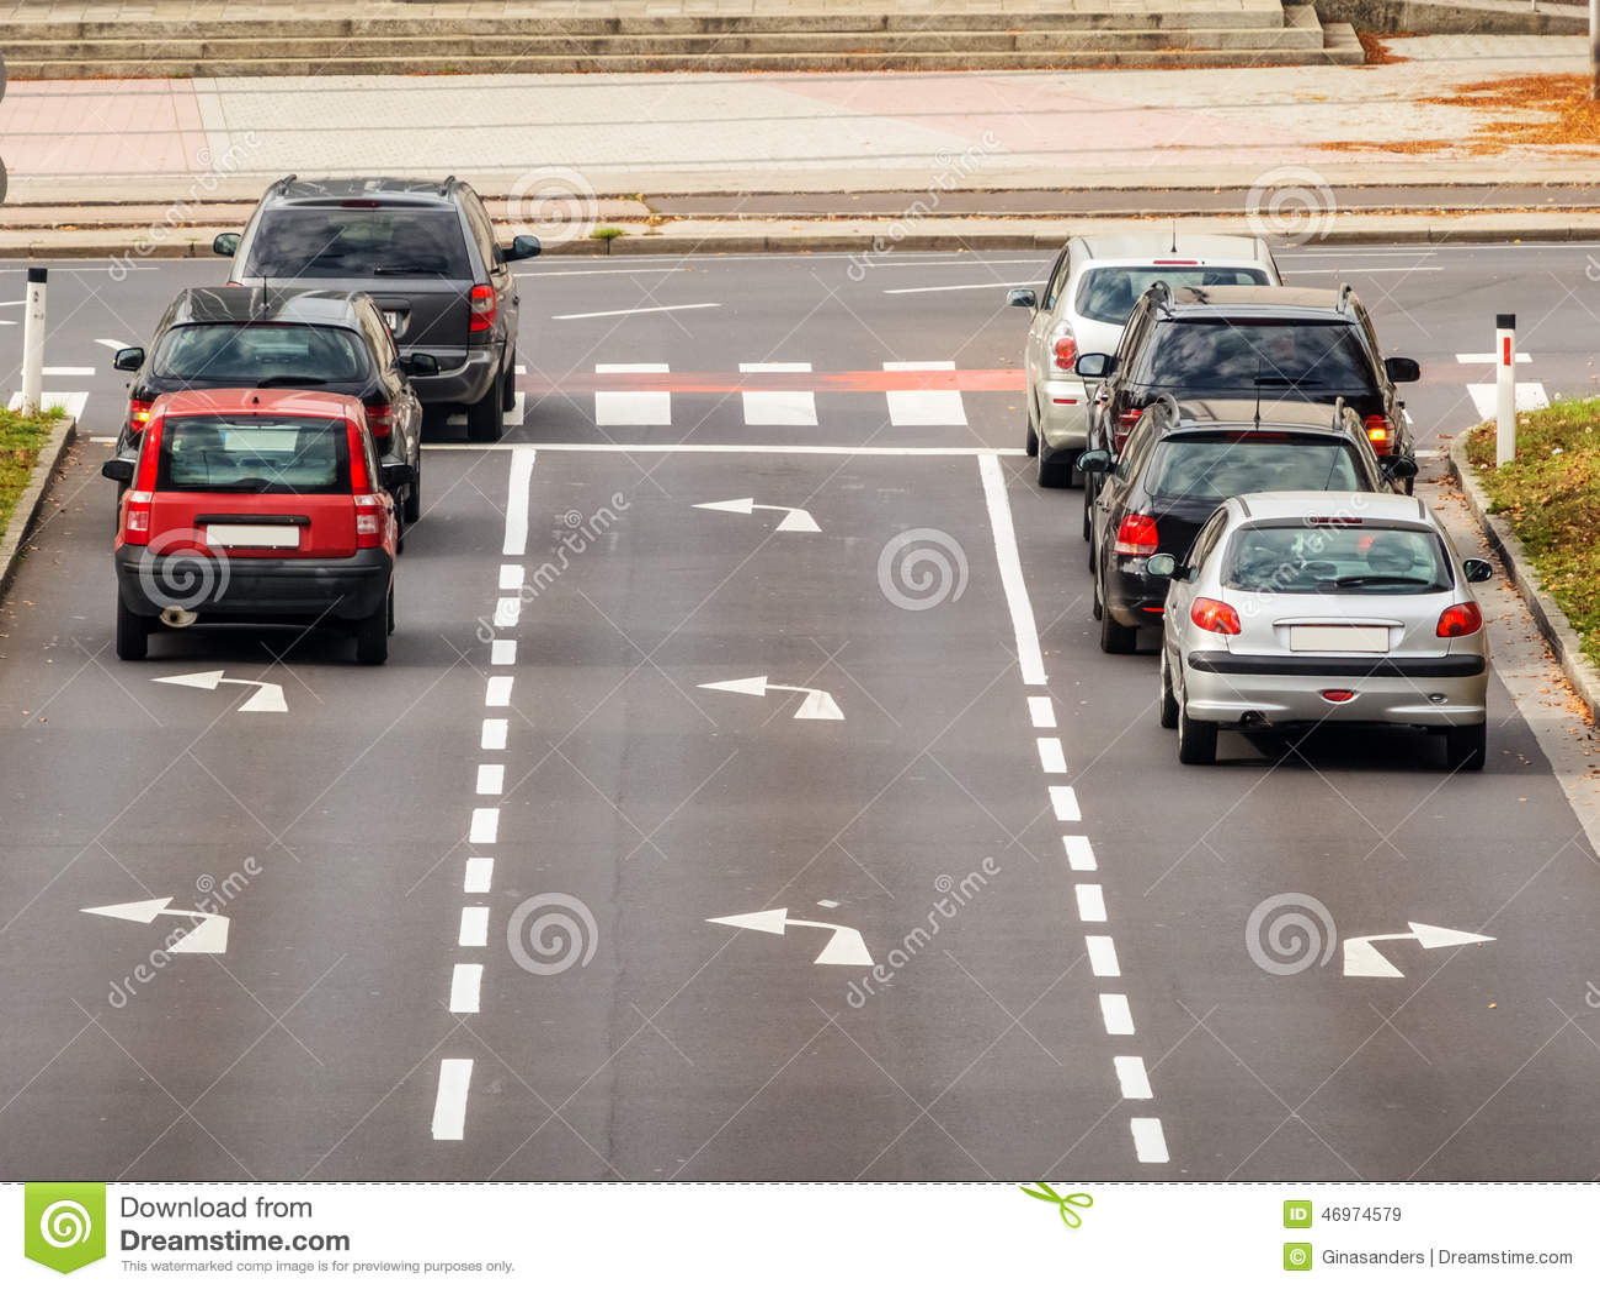 Crossing a street